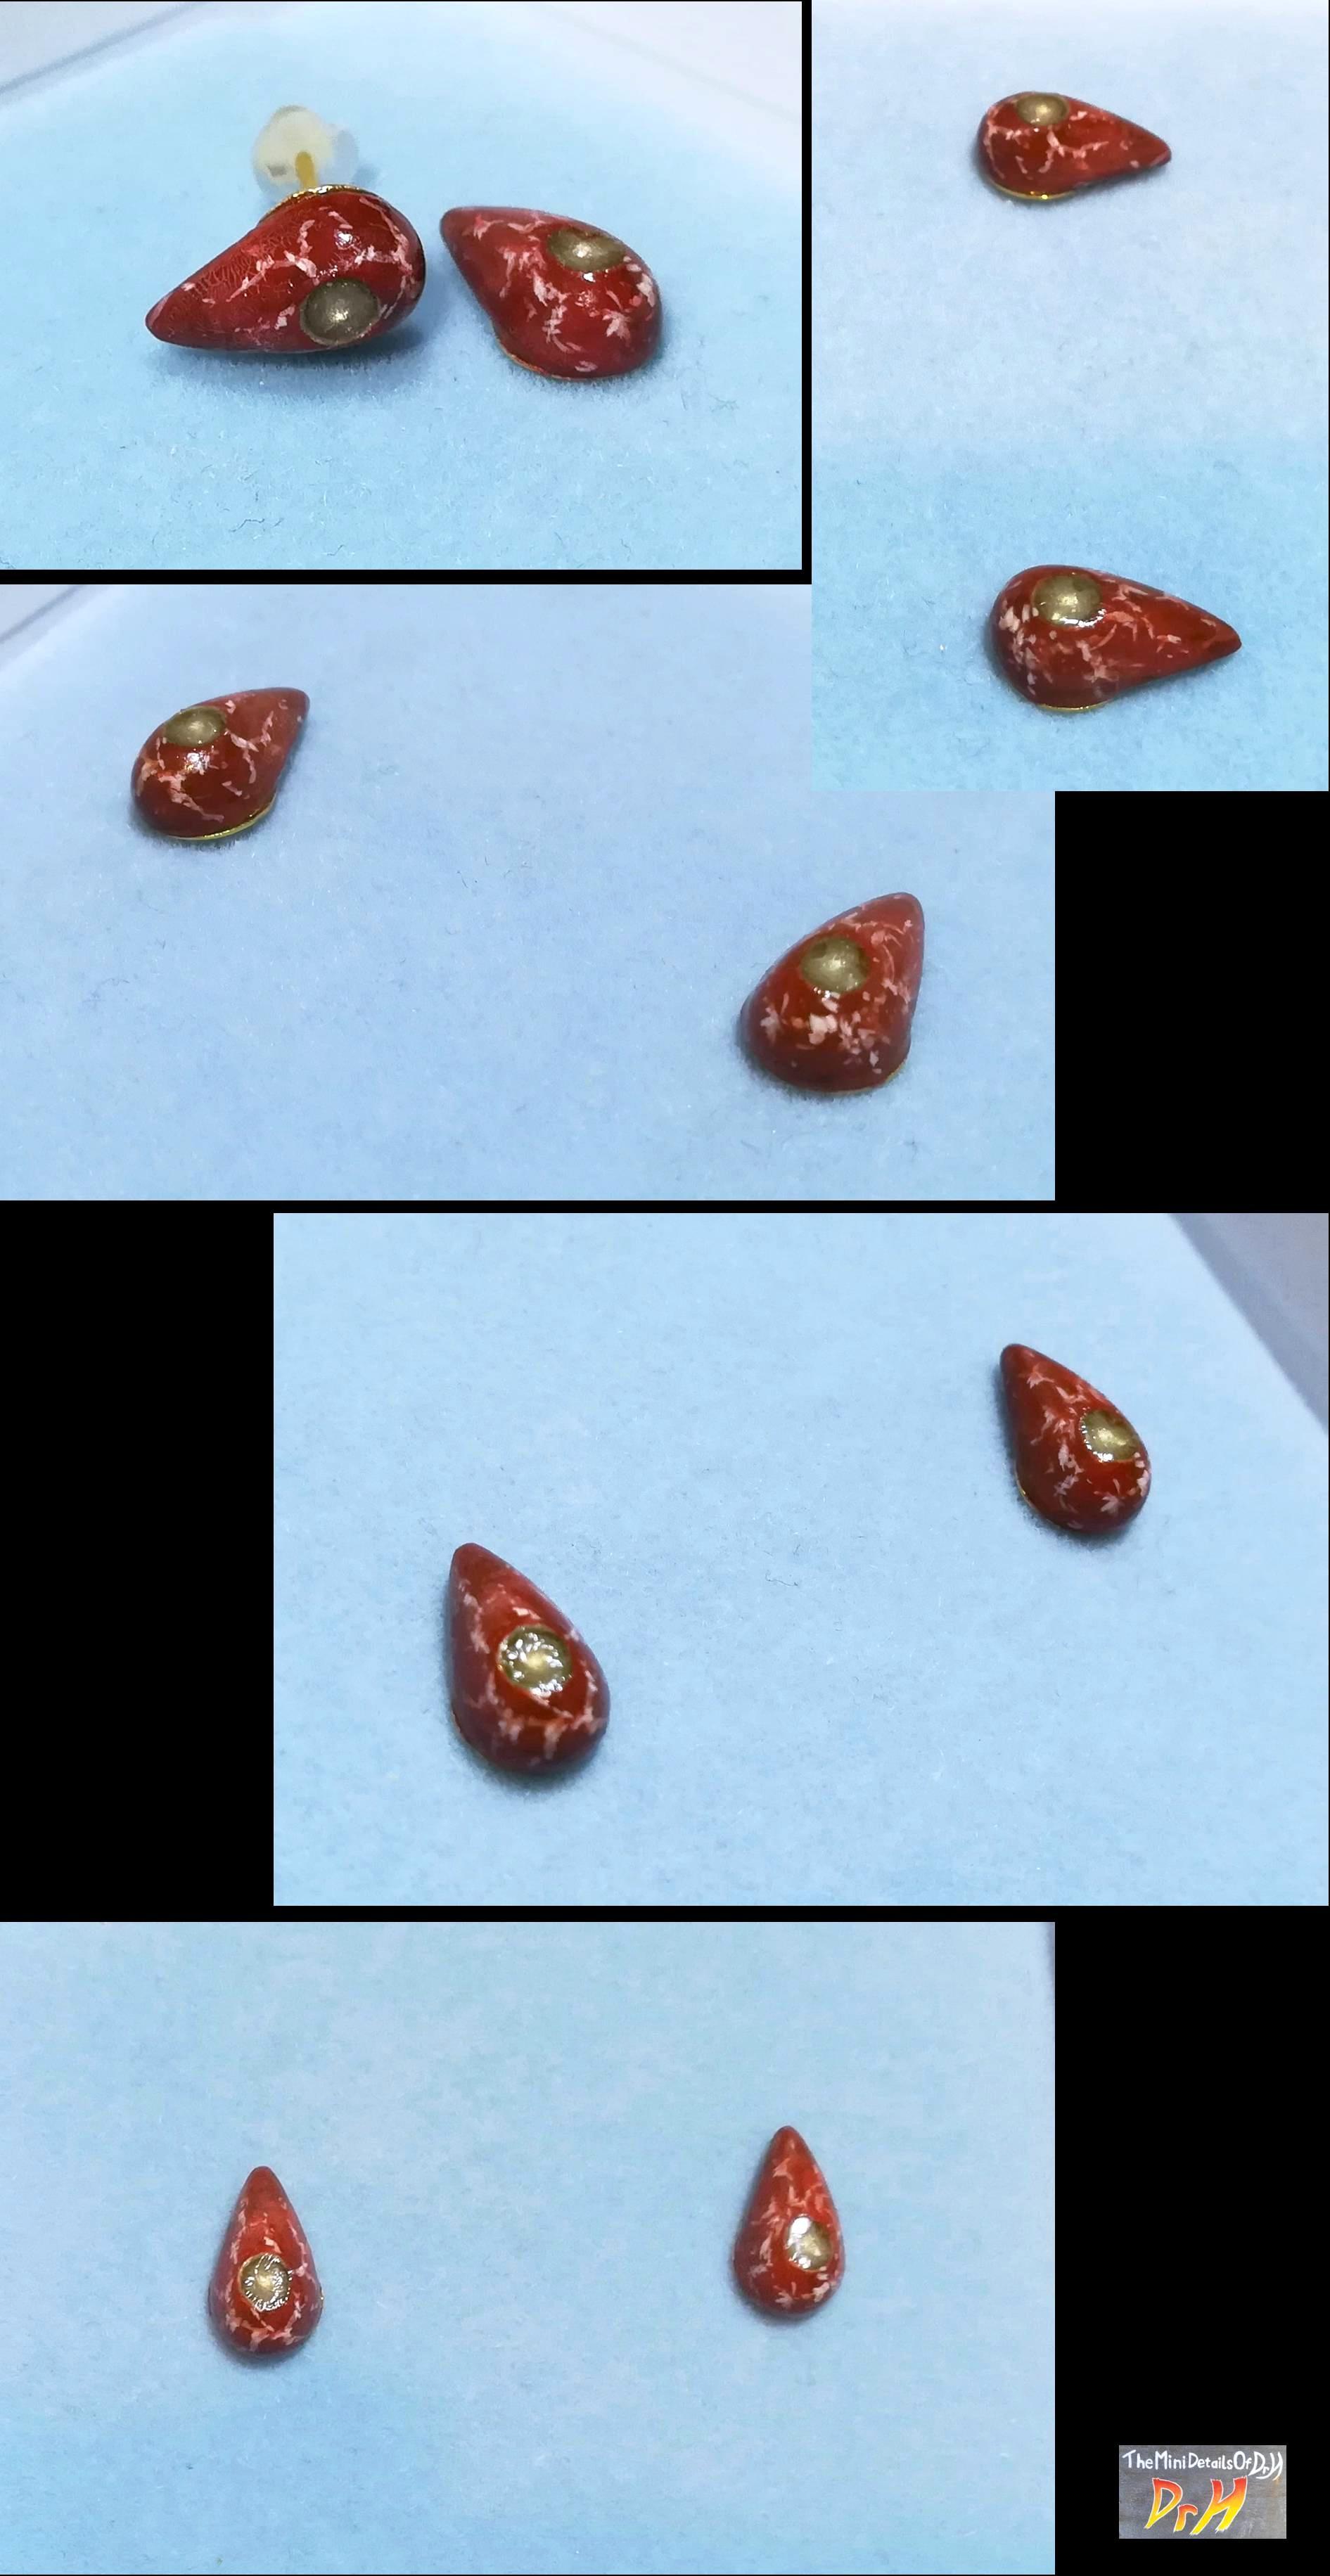 Red marble, blood drop earrings